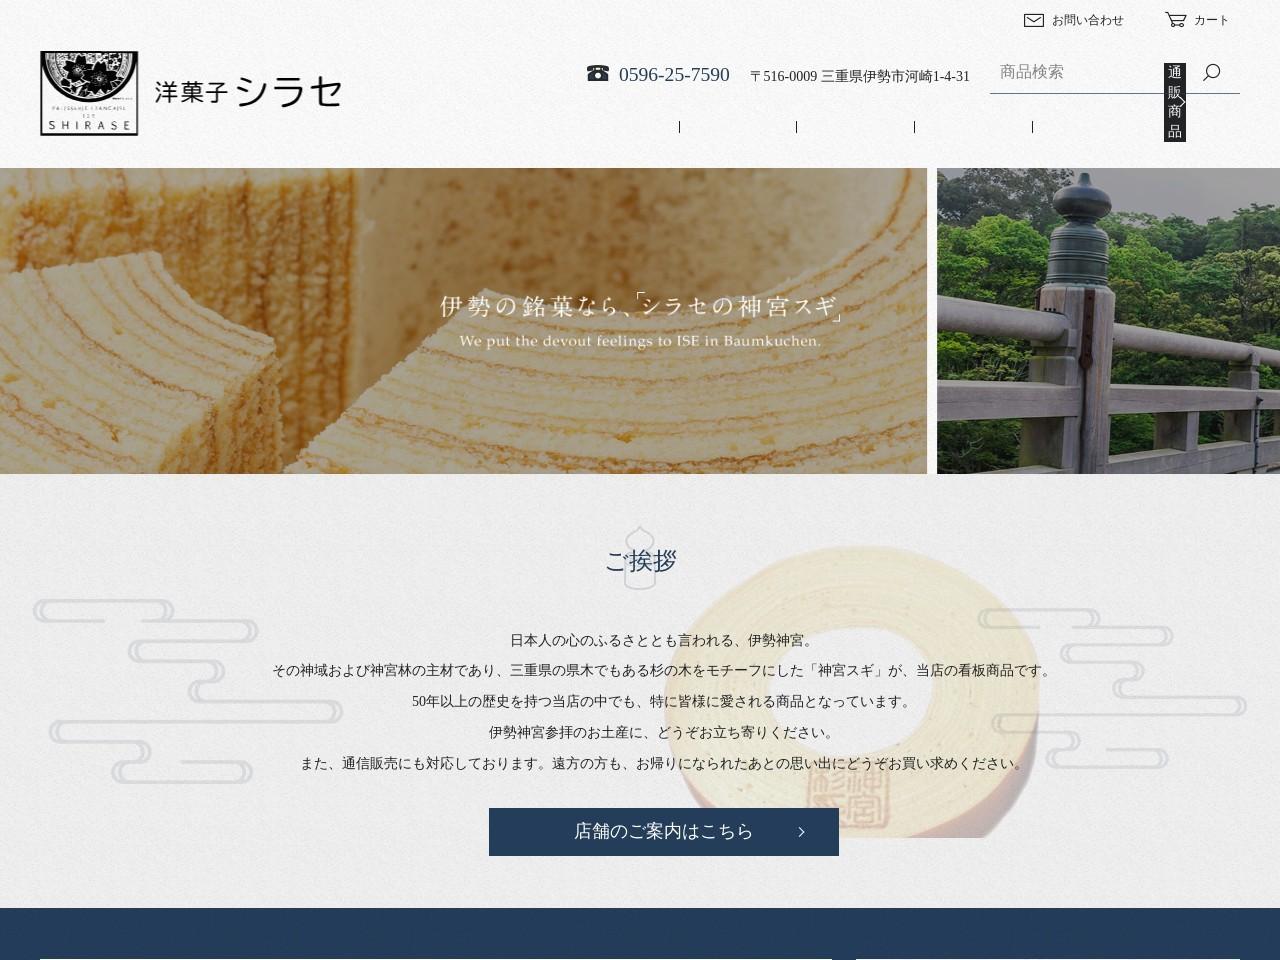 株式会社シラセ/本店